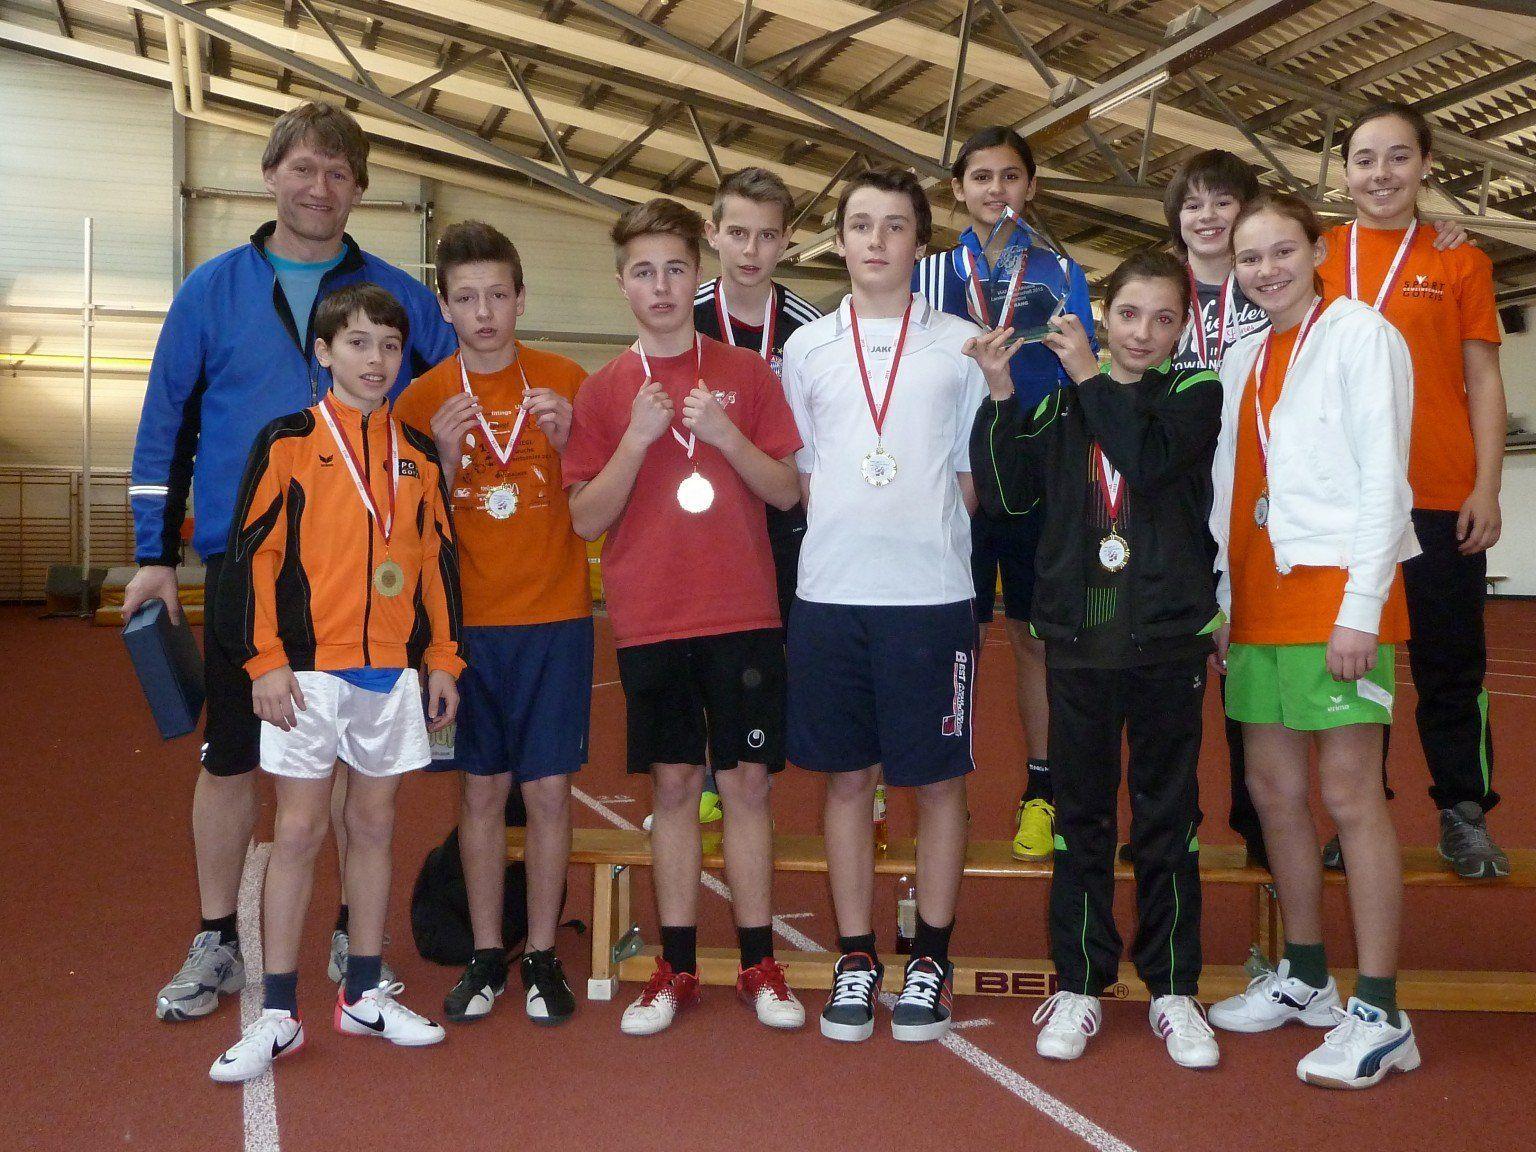 Die stolze Leichtathletik-Mannschaft der Mittelschule Götzis